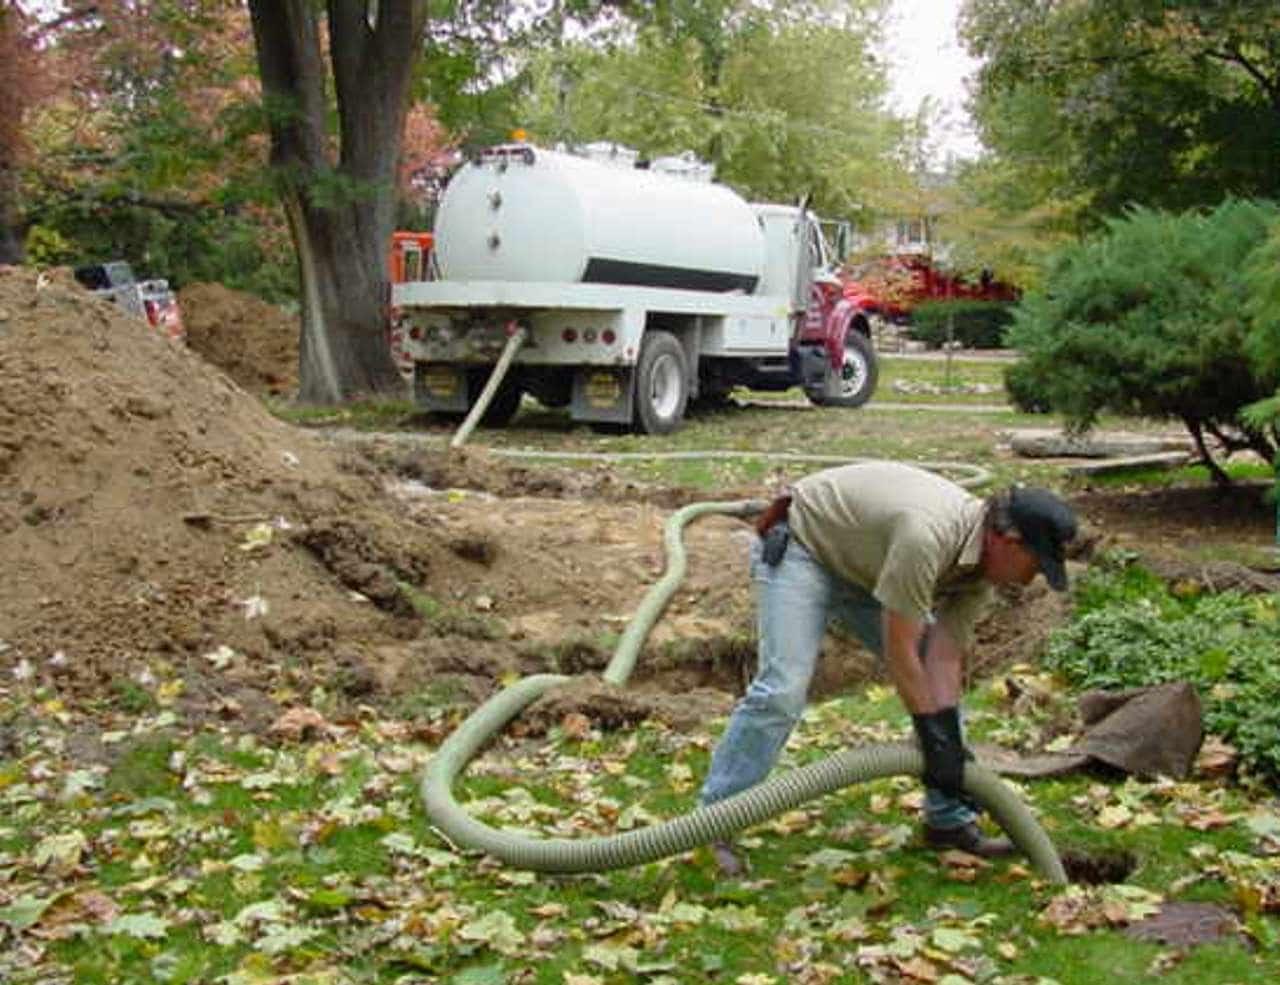 deboucheur debouchage canalisation depannage curage vidange 88 150x150 - débouchage bac à graisse Watermael Boitsfort intervention rapide